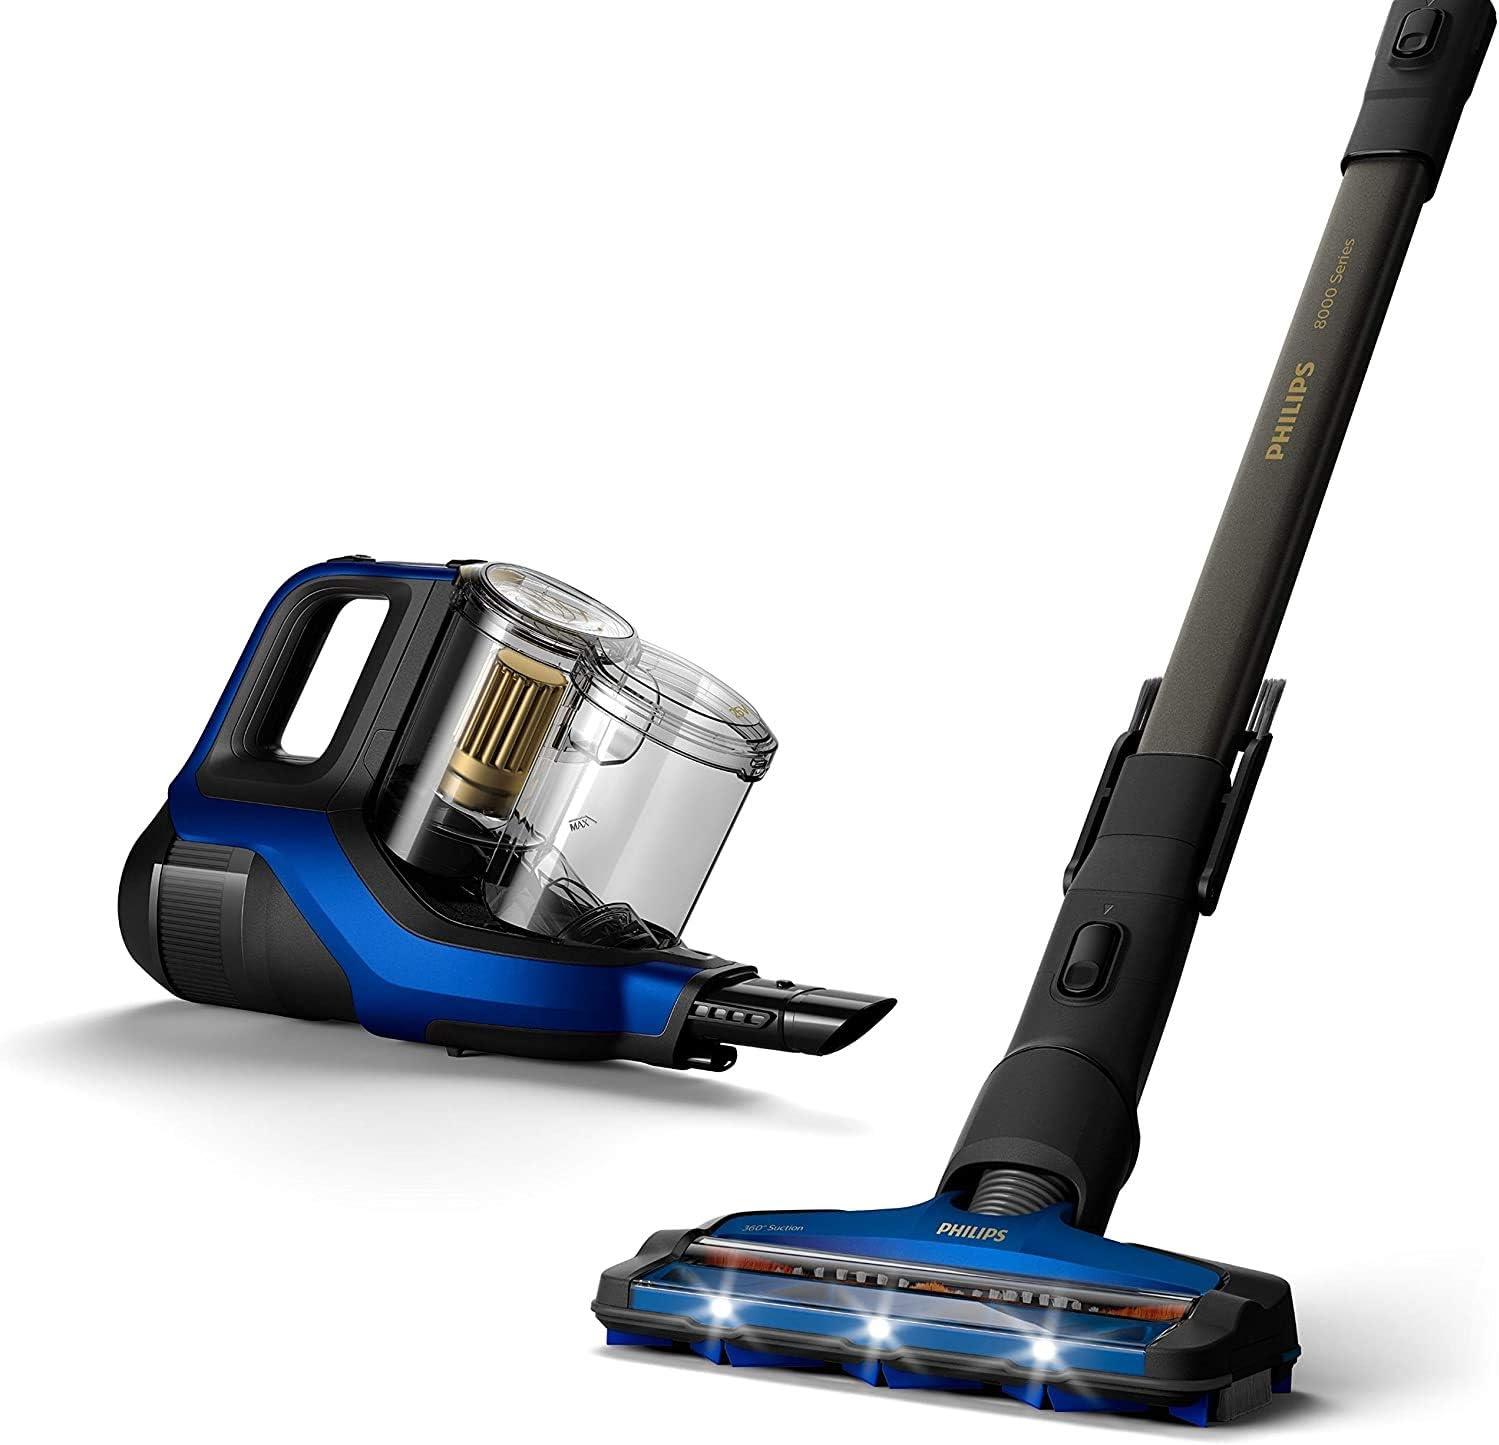 Philips Serie 8000 Escoba Aspiradora Vertical de Mano Sin Cable, 60 Autonomía y 28 Min en Modo, Succión 360 º, Luz Led, Cepillo Mini Turbo y Boquilla Largo Alcance Incluida, plástico, Azul: Amazon.es: Hogar